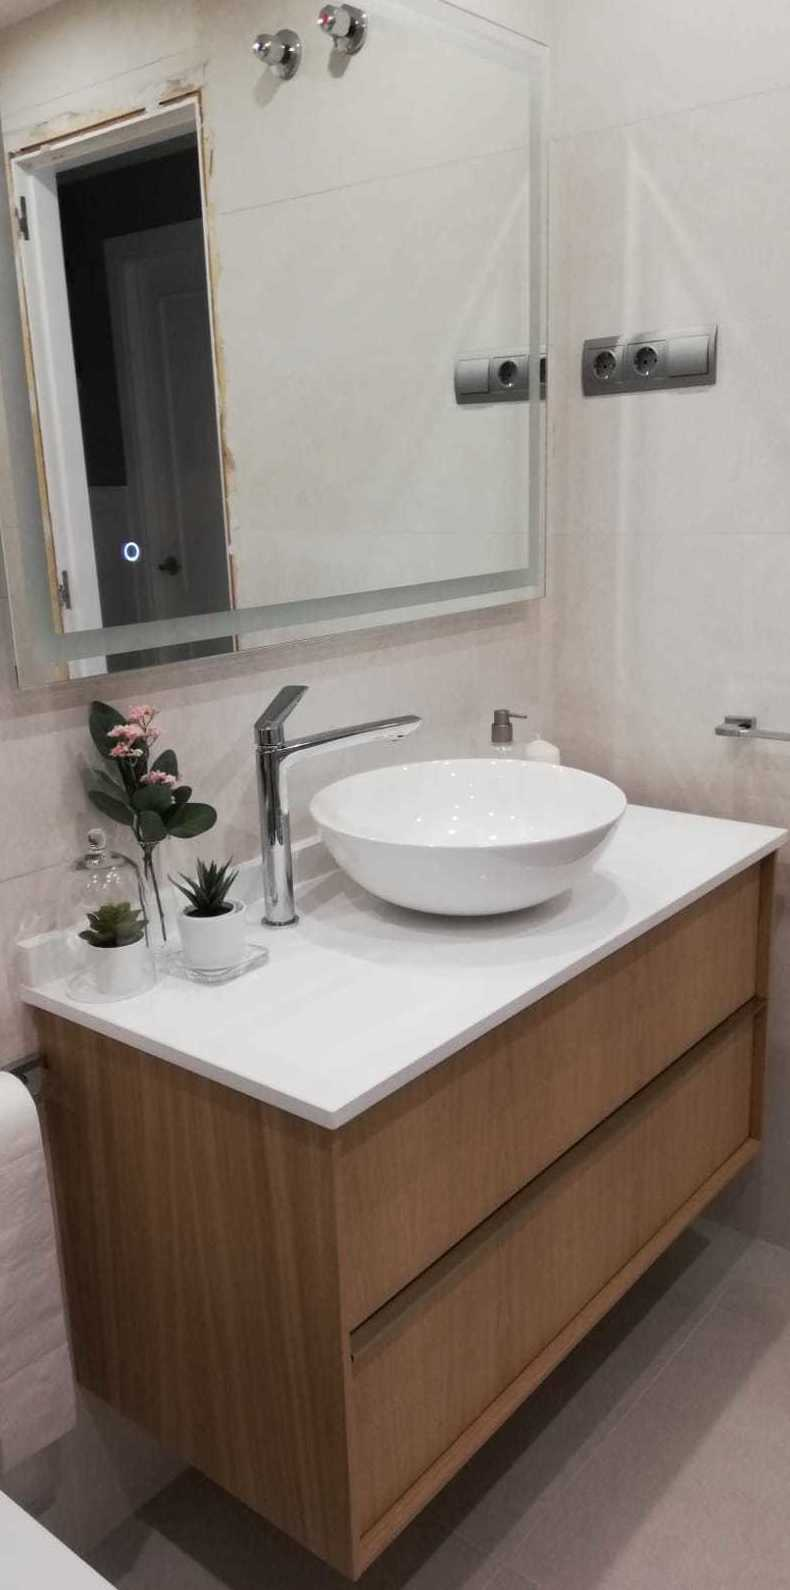 Foto 1 de Reformas en baños y cocinas en Trobajo del Camino | F. Alba, cocinas y baños